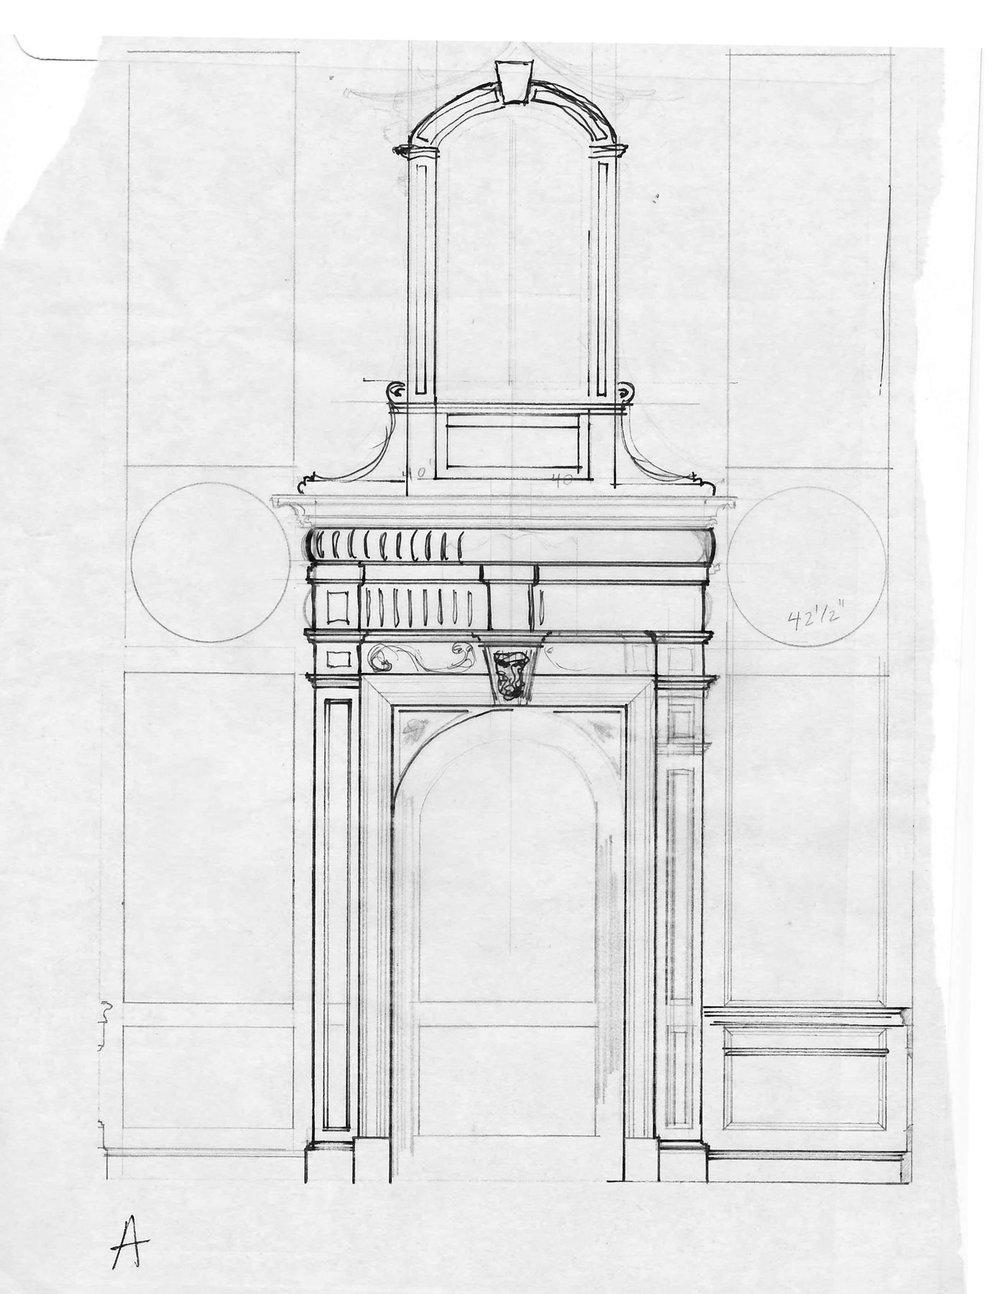 Dallas--Eikenburg-door-sketches-3.jpg